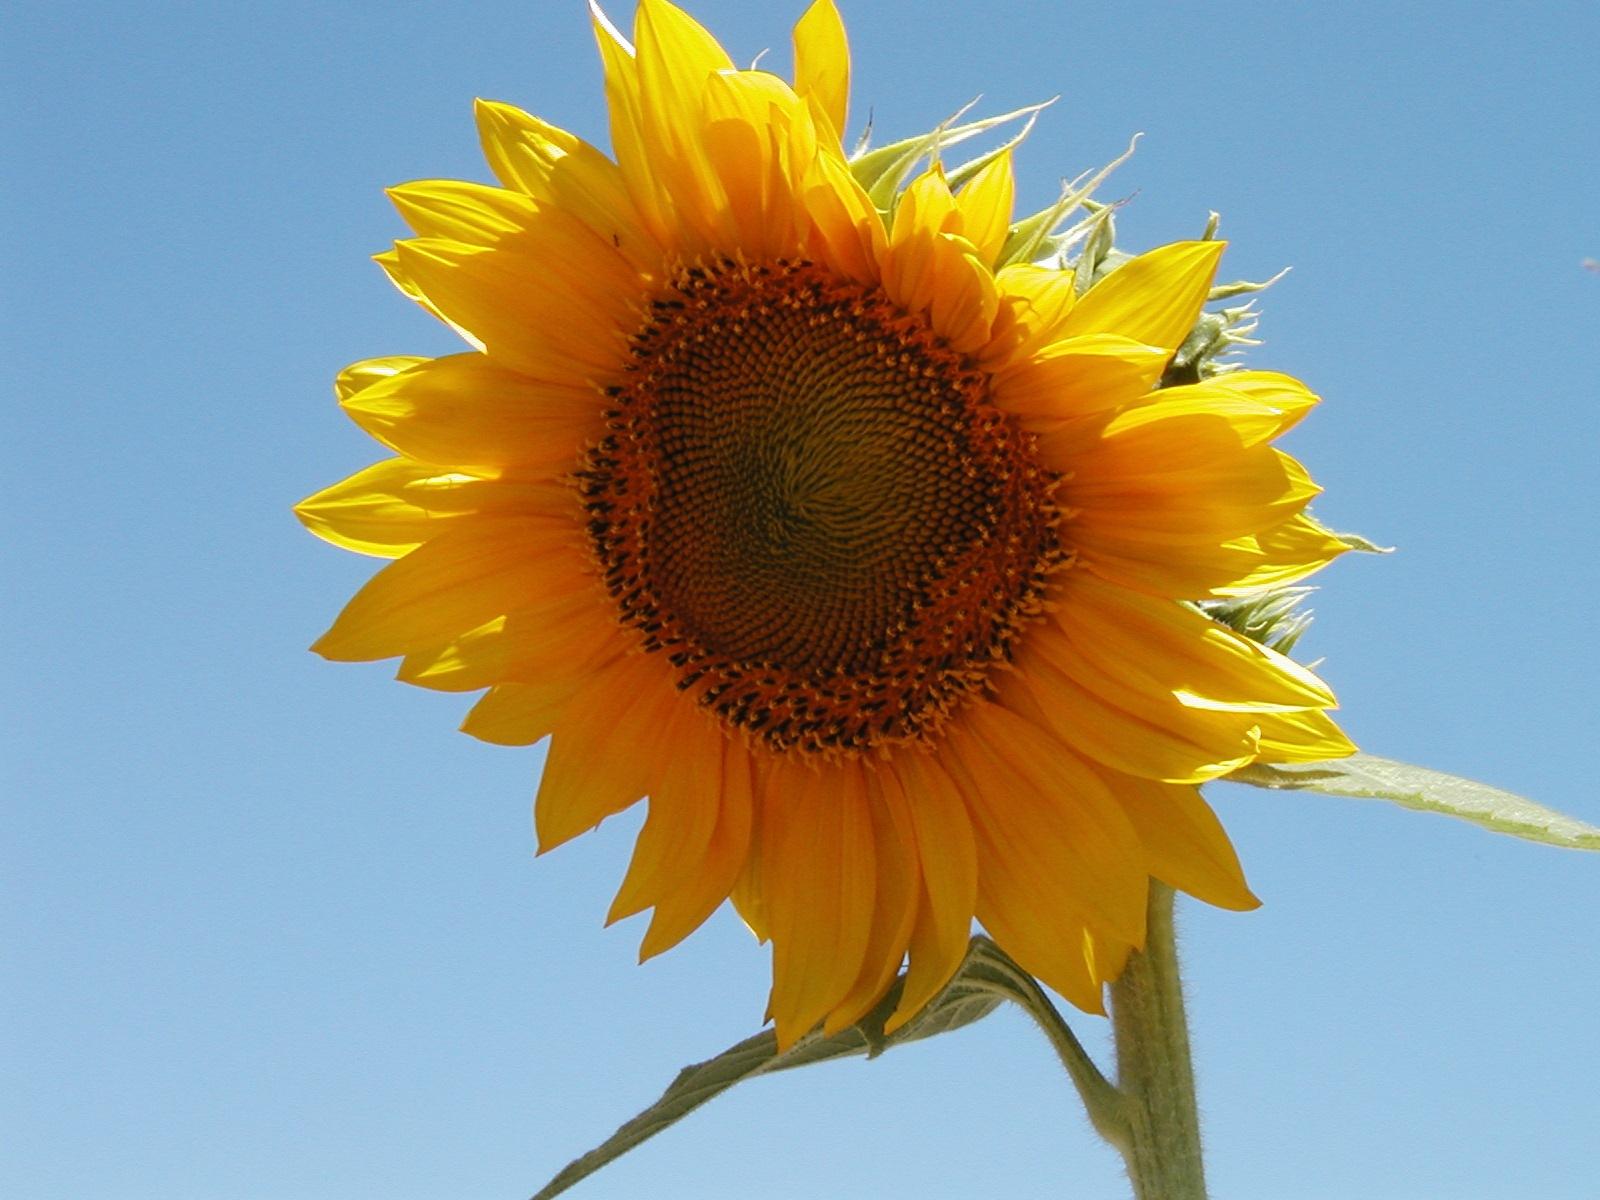 Botanical Sunflower by John Banks